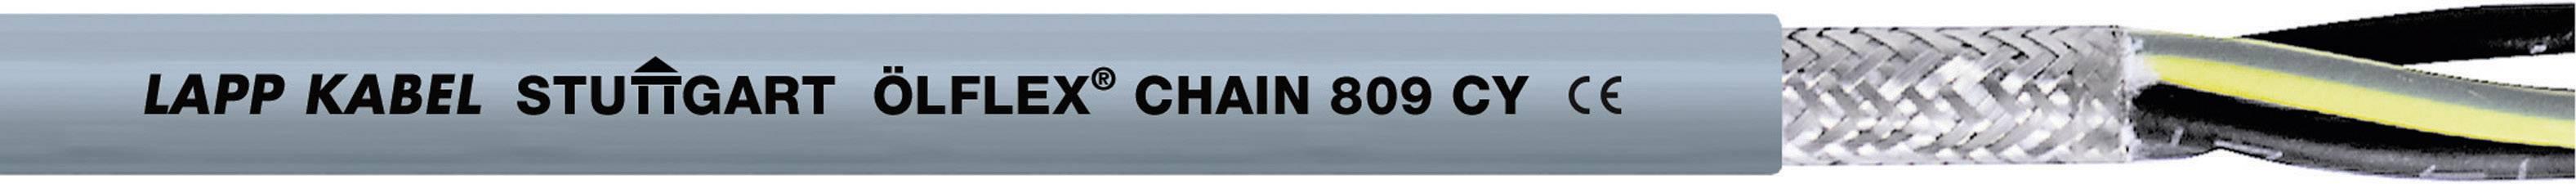 Žíla kabelu LappKabel ÖLFLEX CHAIN 809 CY 25G1,0 (1026774), 25x 1 mm², PVC, Ø 16,7 mm, stíněný, 50 m, šedá